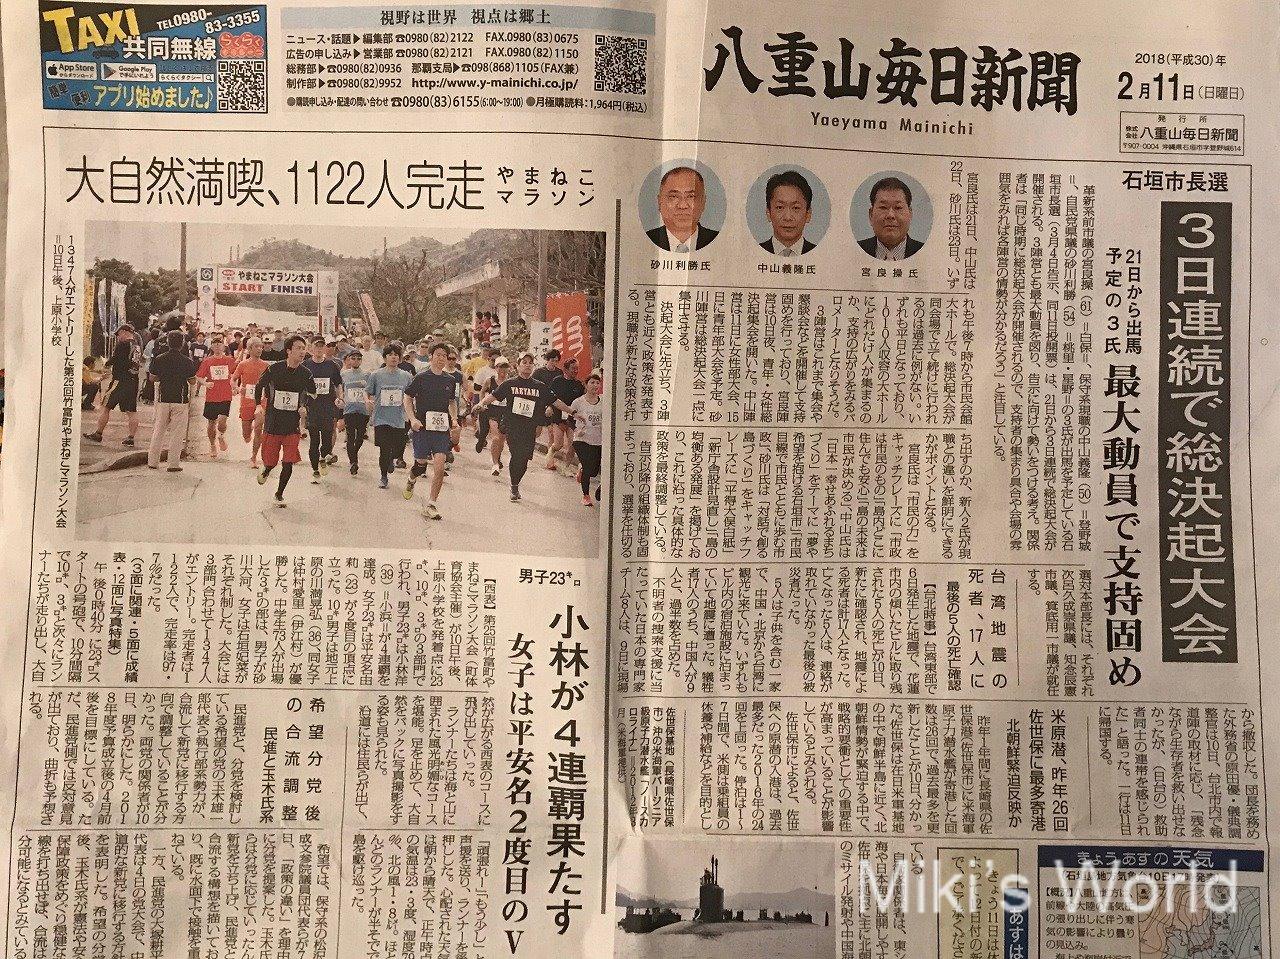 2018やまねこマラソン23キロ完走後の気づき5 ローカルなマラソンは、新聞に名前が載る